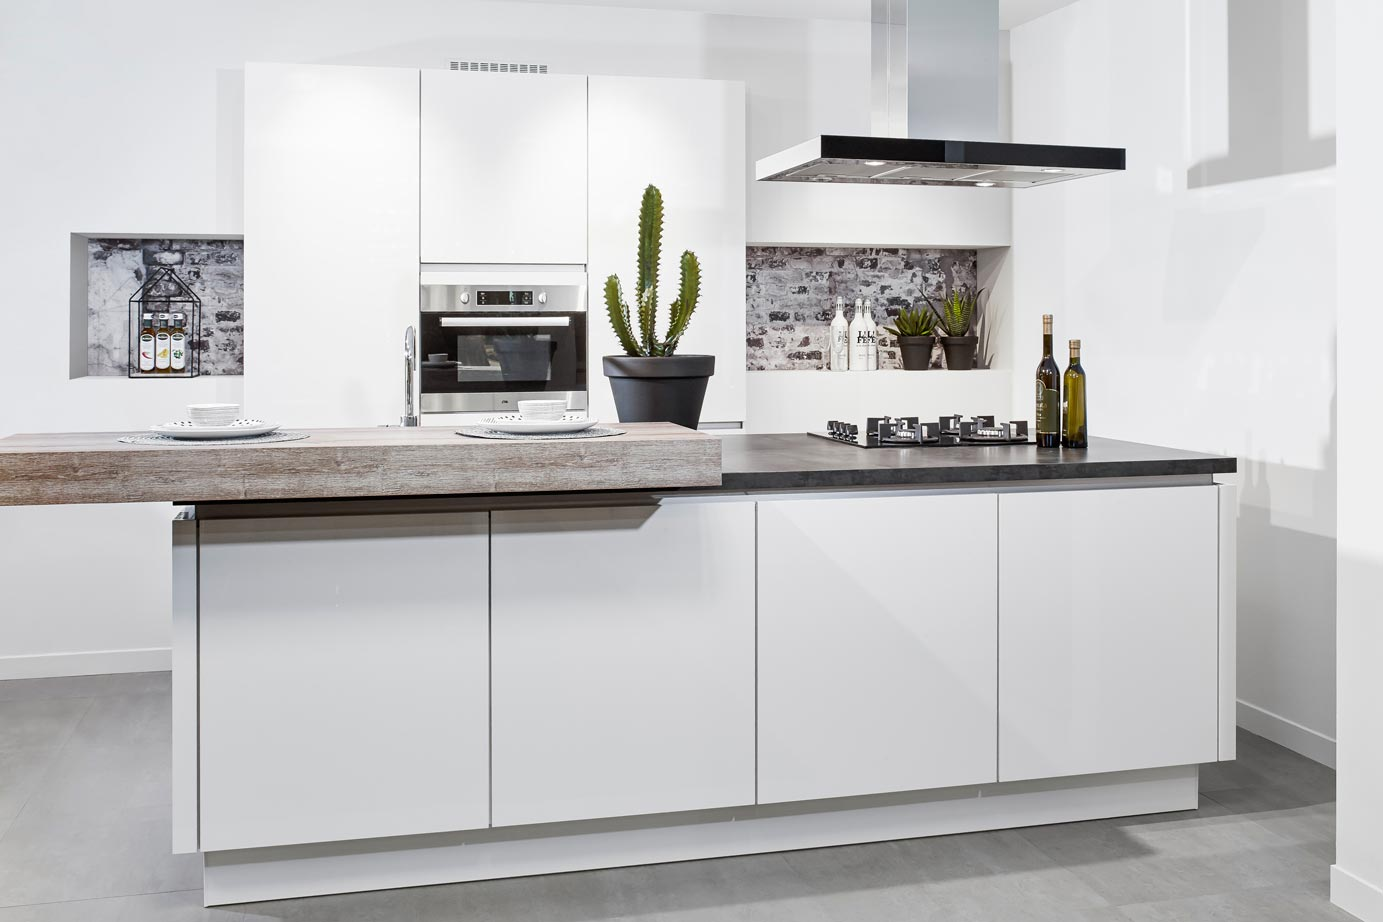 Fotos Witte Keukens : 60+ moderne keukens, incl foto's en prijzen DB Keukens